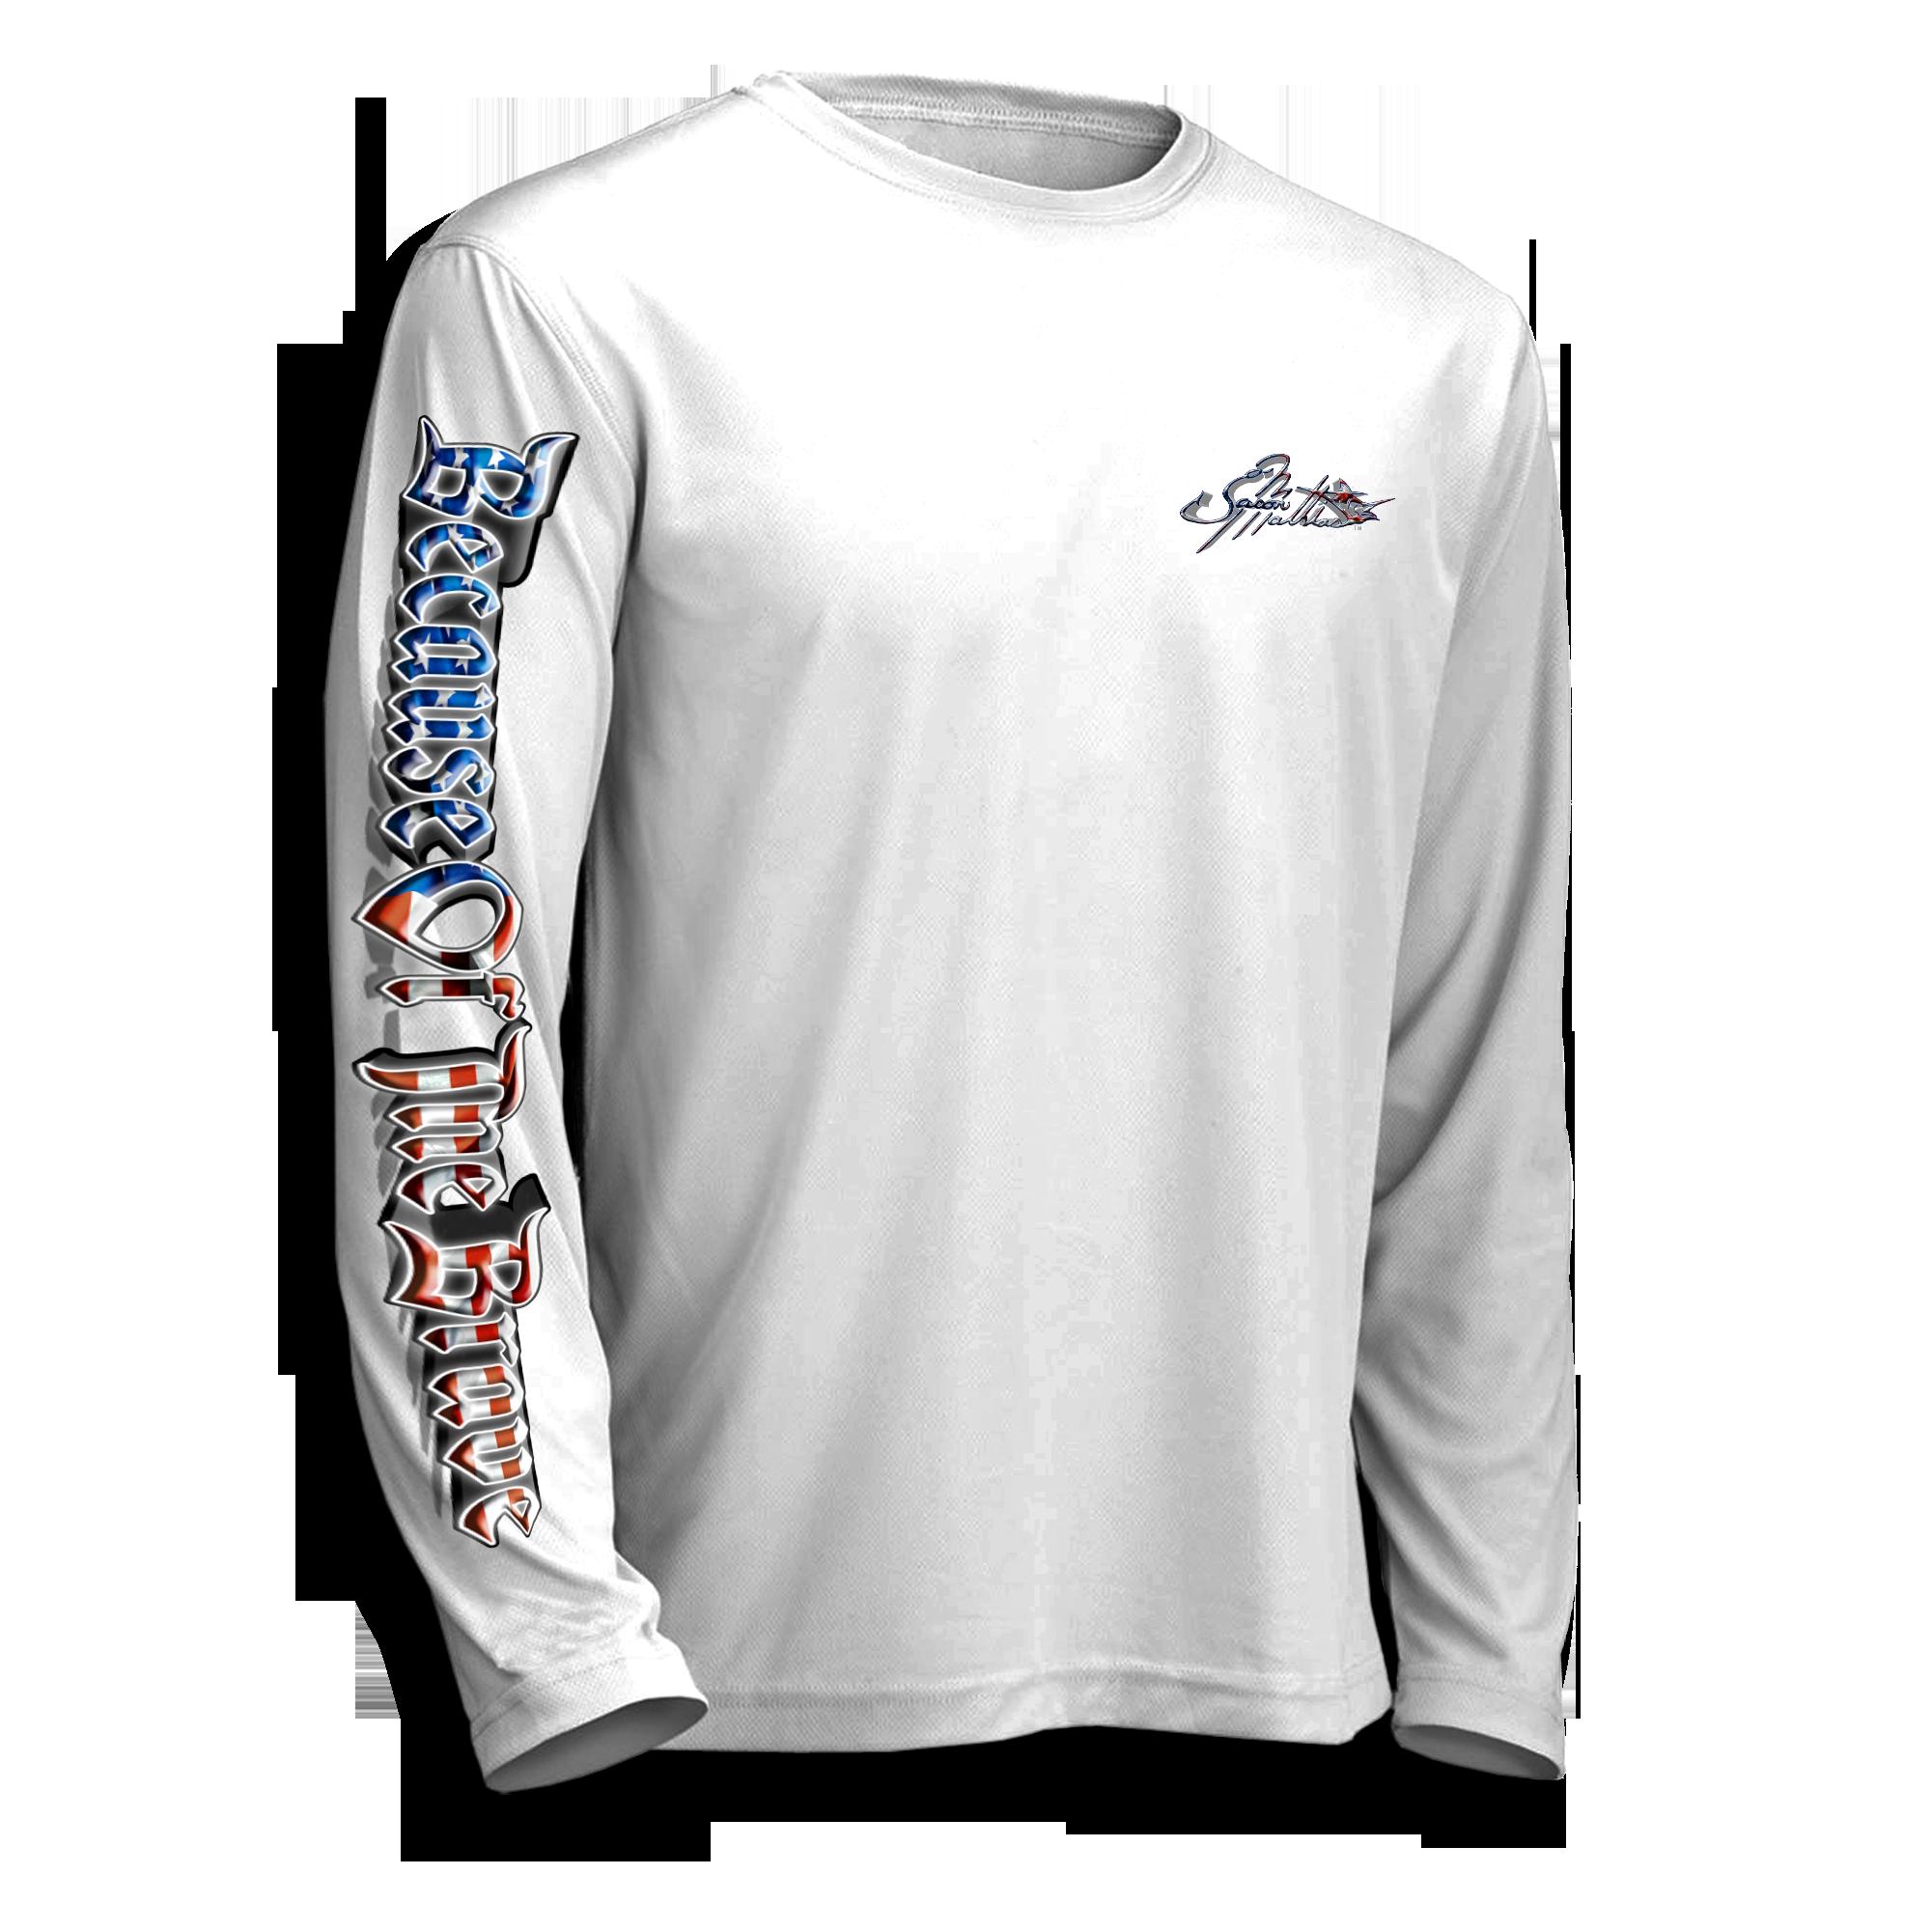 -font-americana-shirt-.png